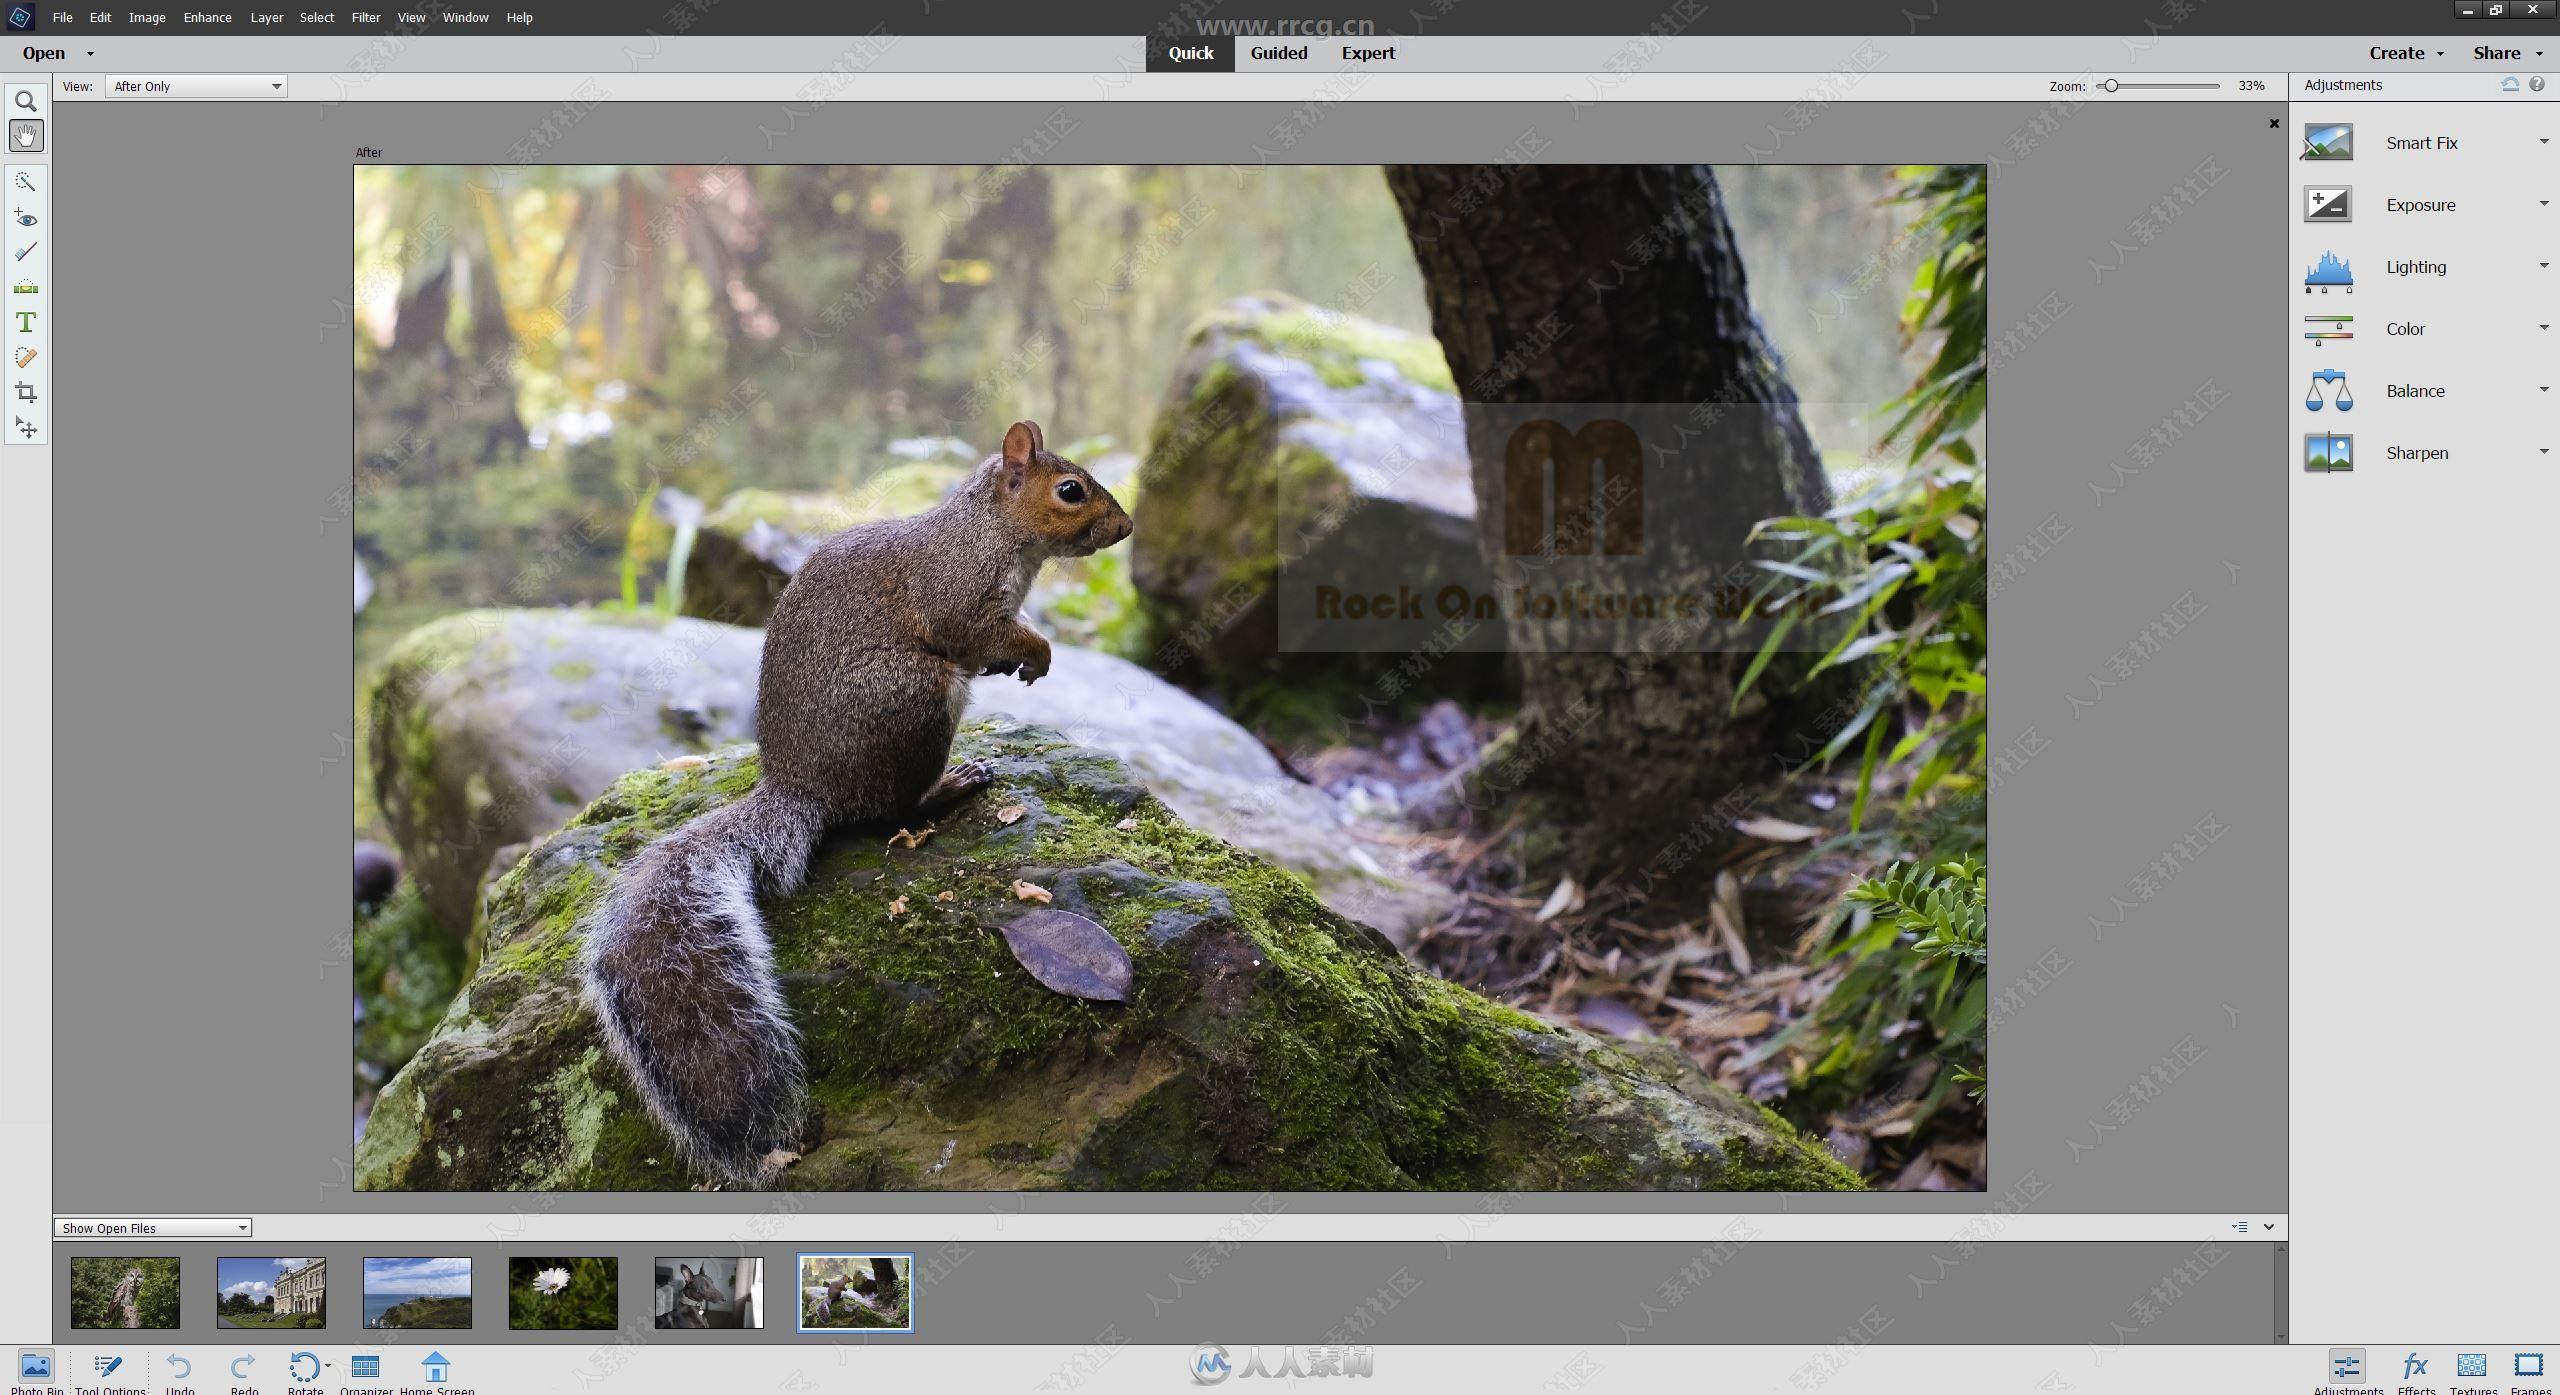 Photoshop Elements图像编辑软件V2022版